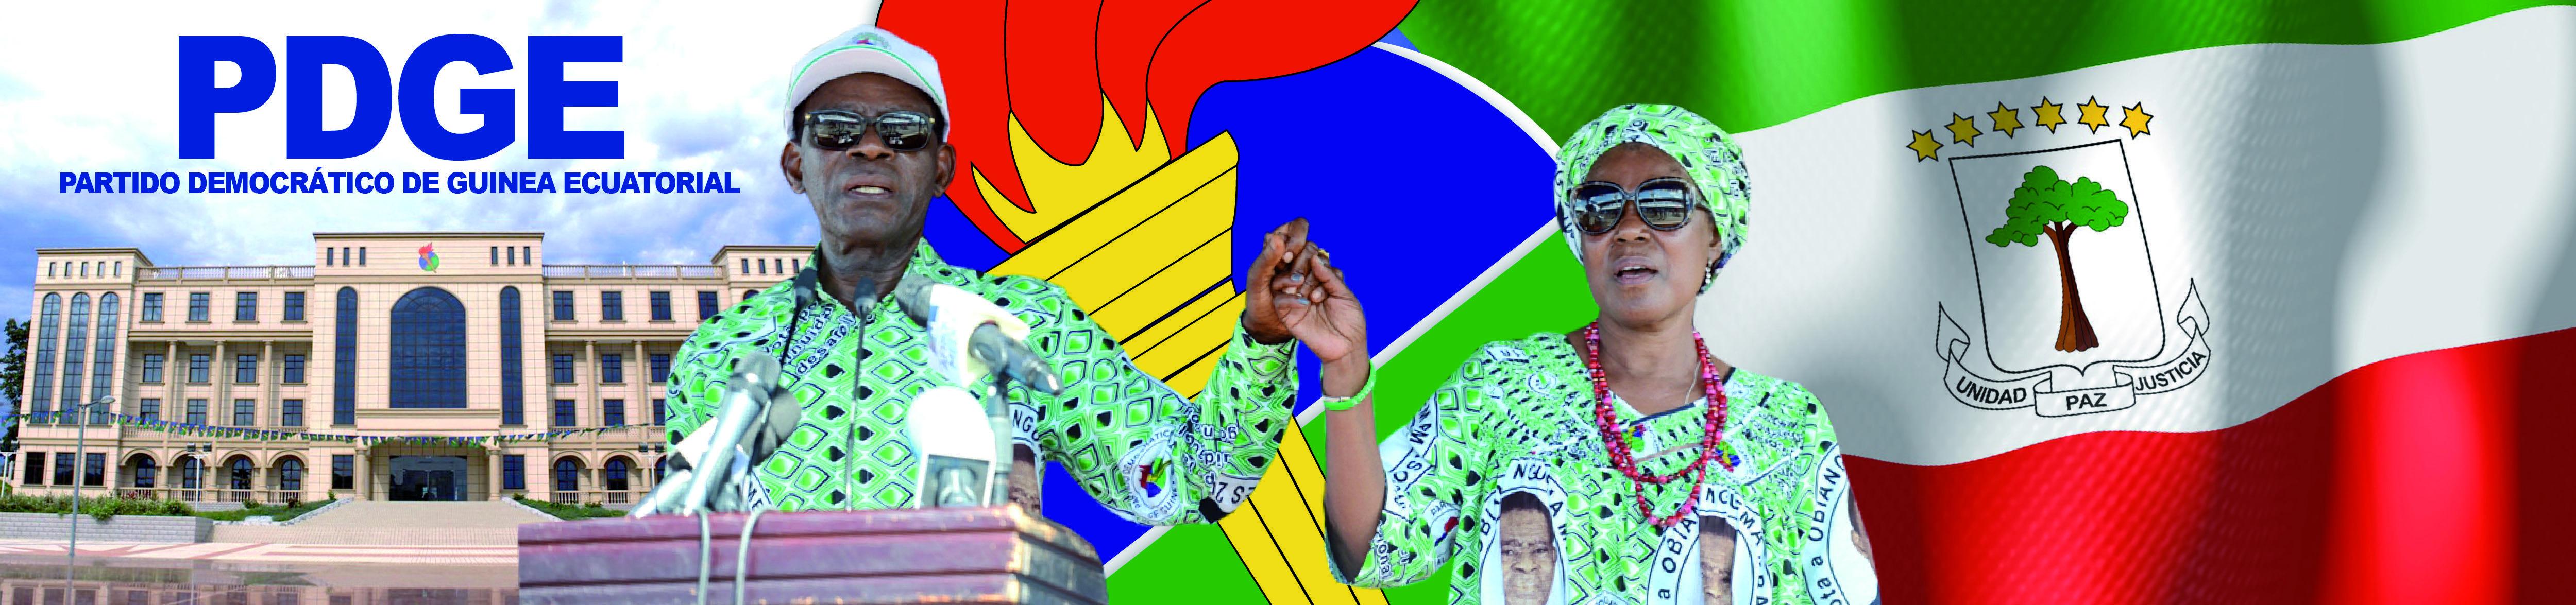 Partido Democratico de Guinea Ecuatorial PDGE